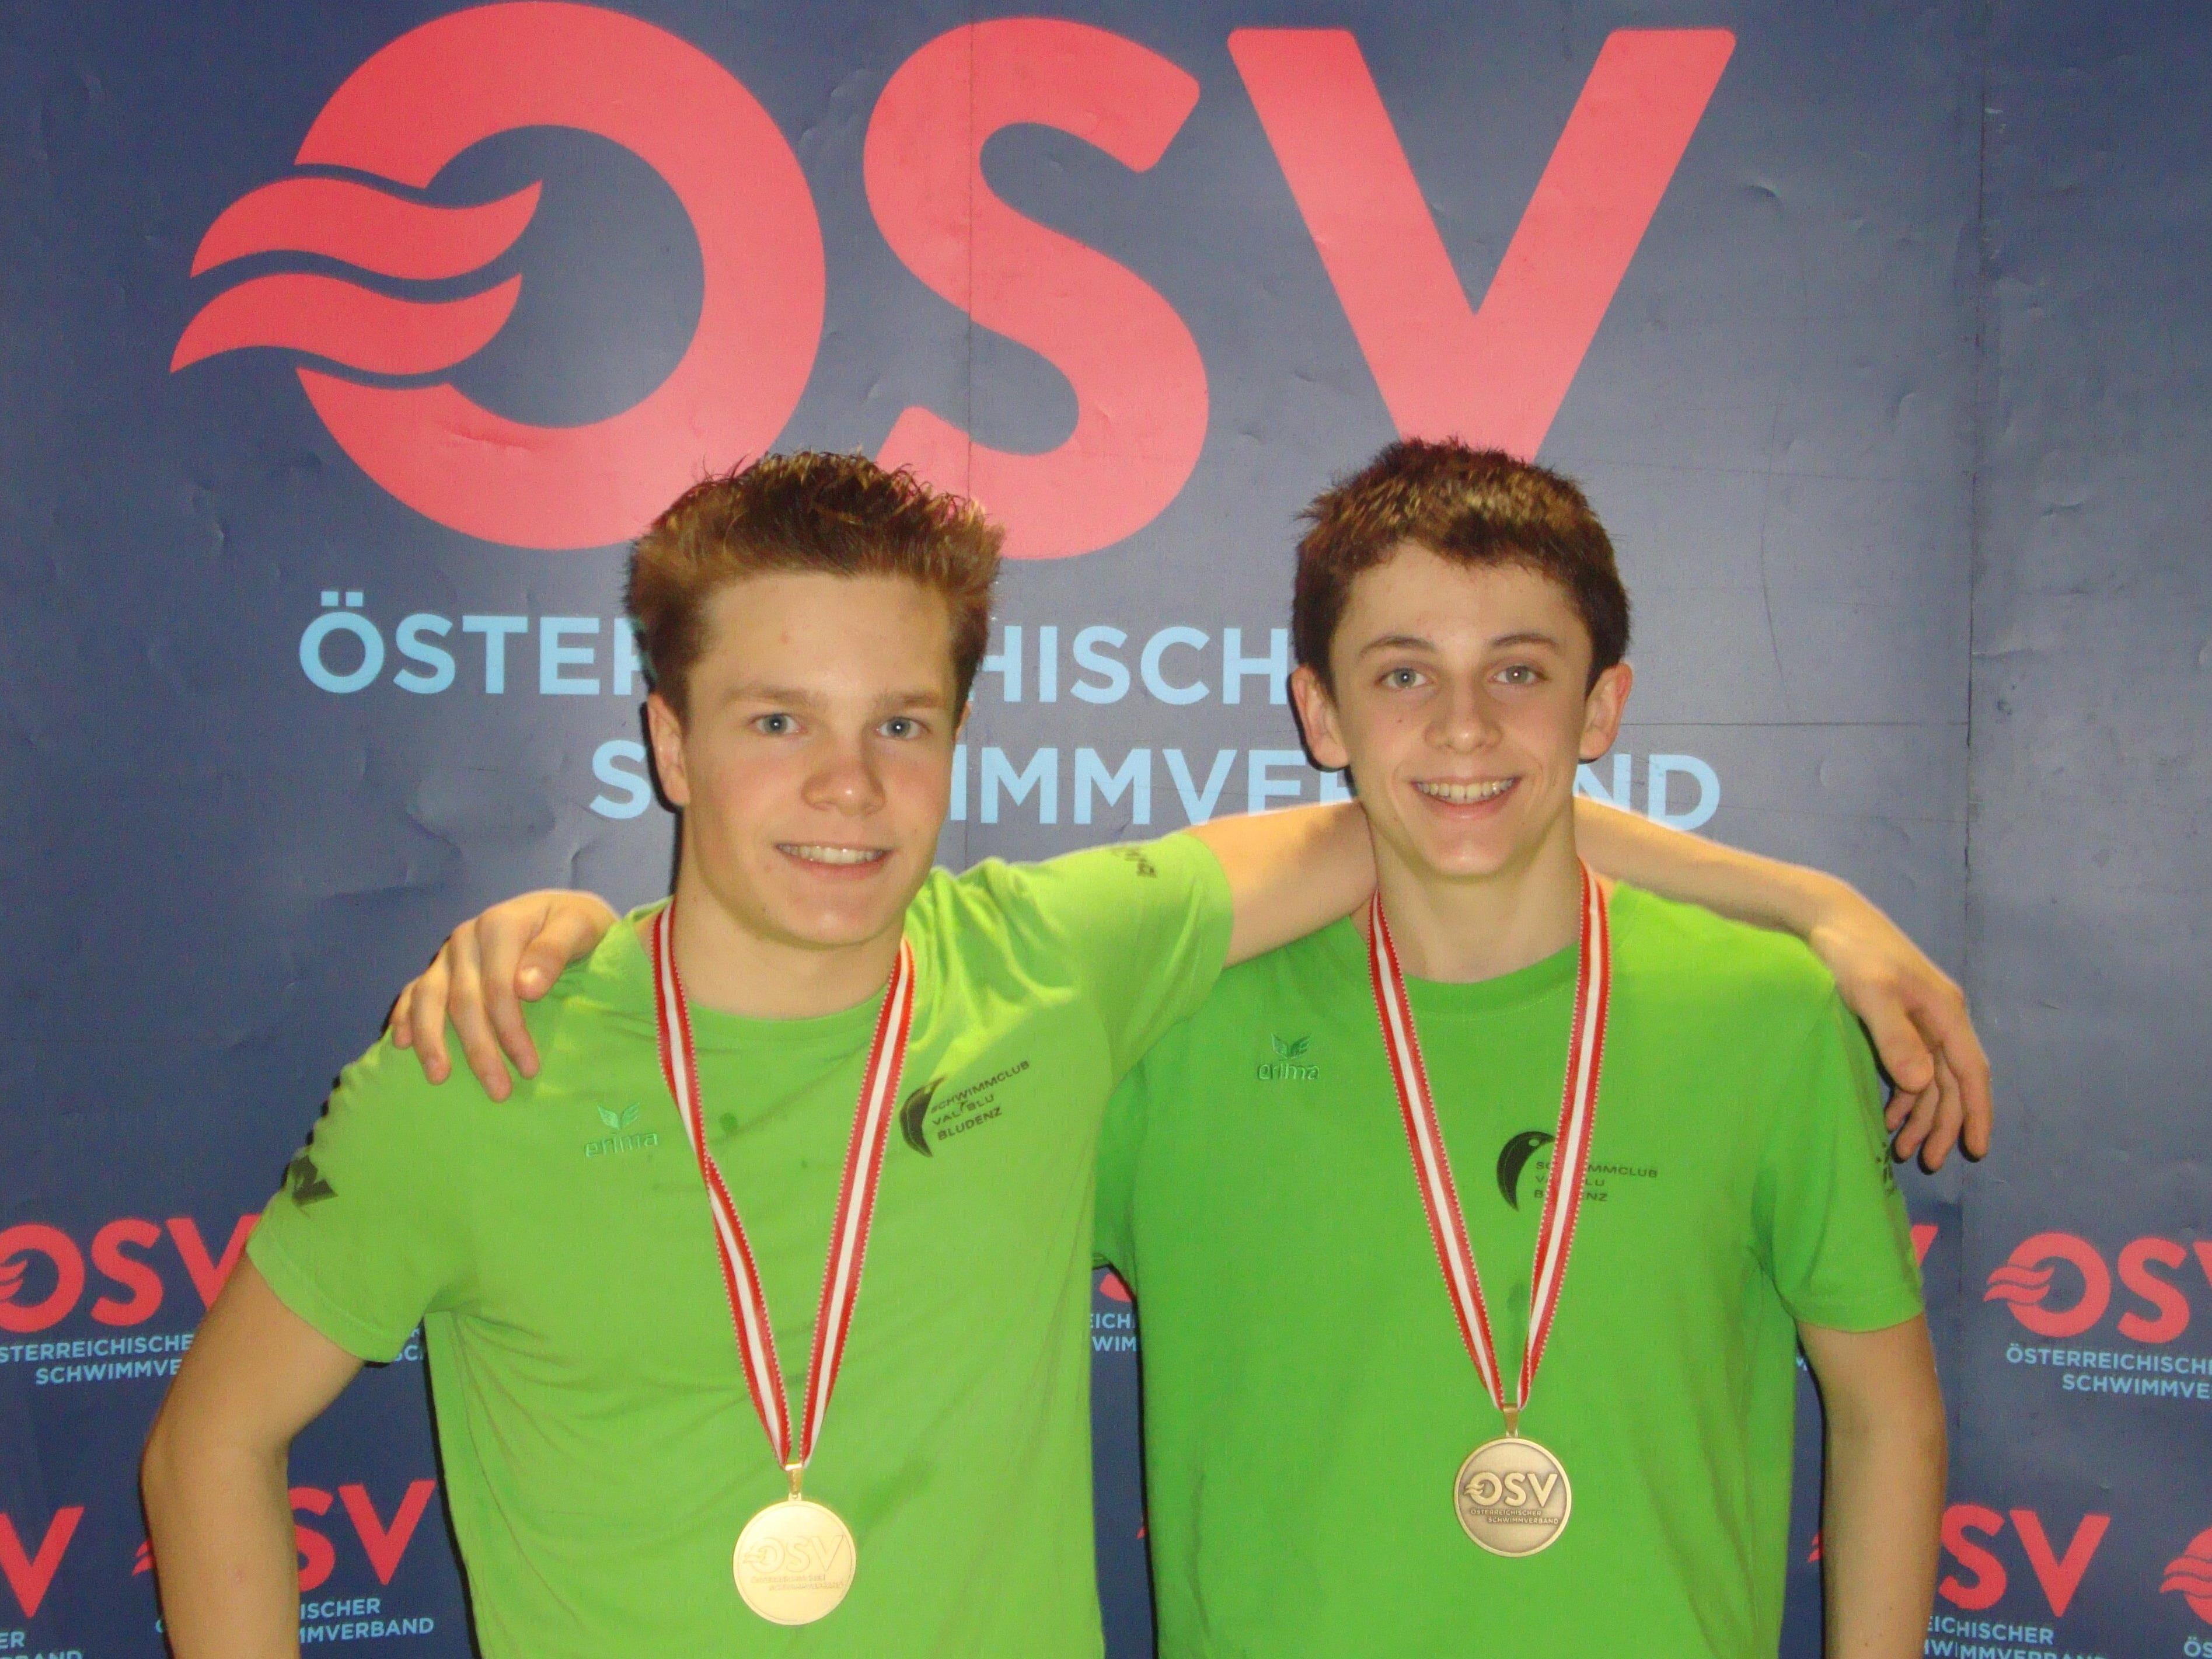 Erfolgreiche Schwimmer Nicolas Pock und Moritz Messner (v.l.)